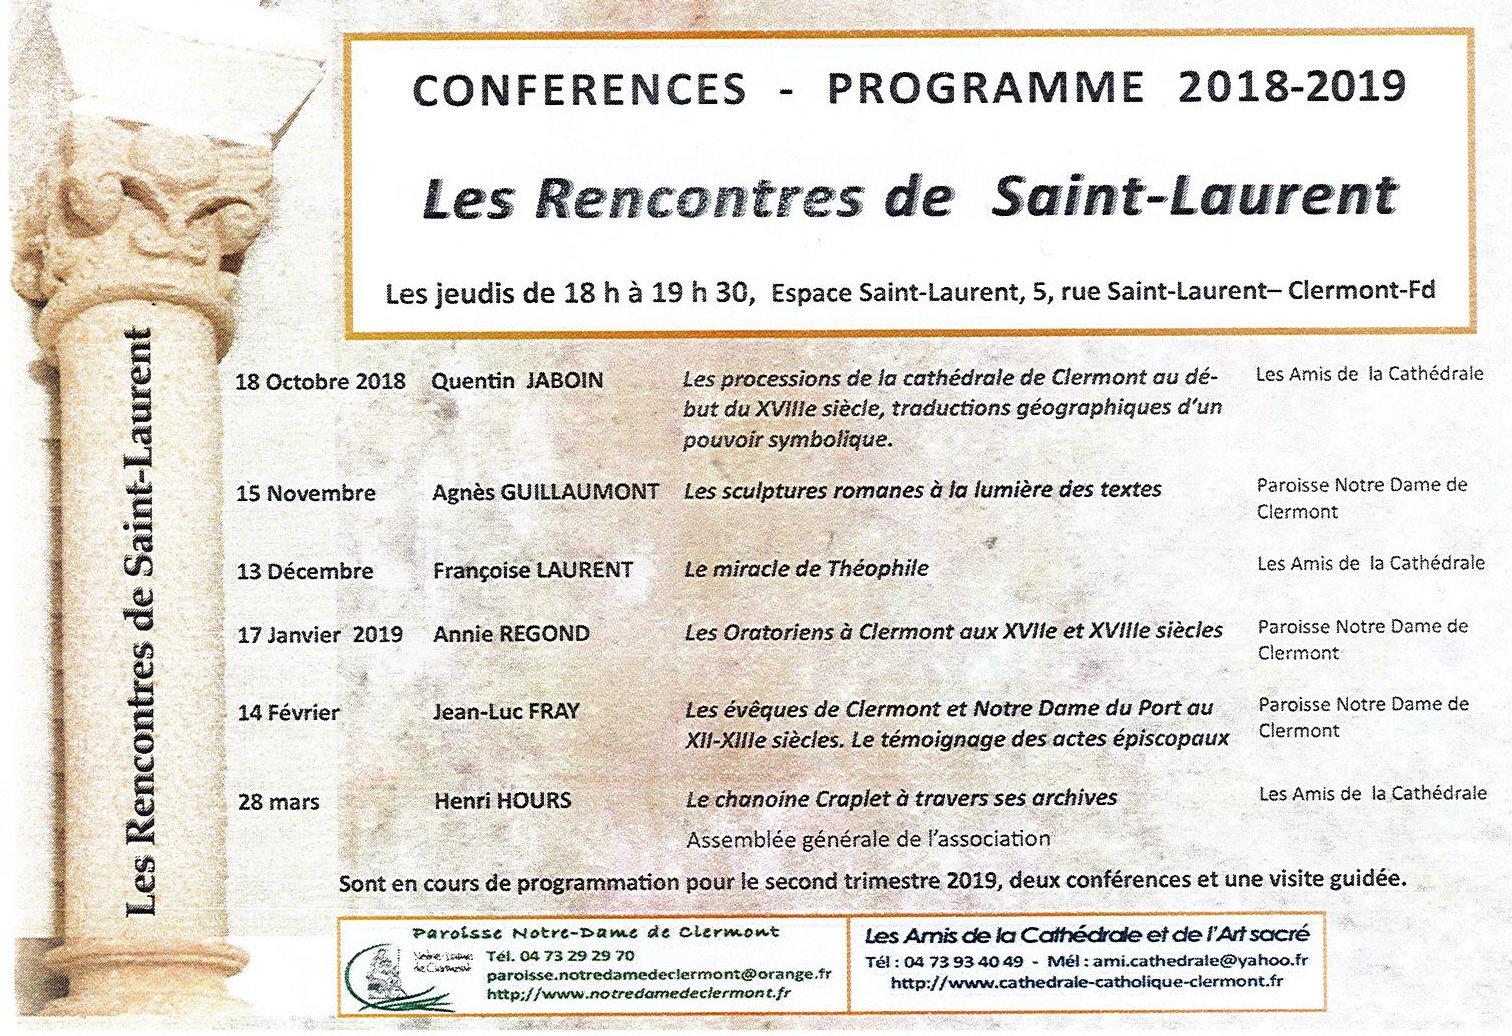 Conférences Rencontres de Saint-Laurent Clermont-Ferrand Auvergne